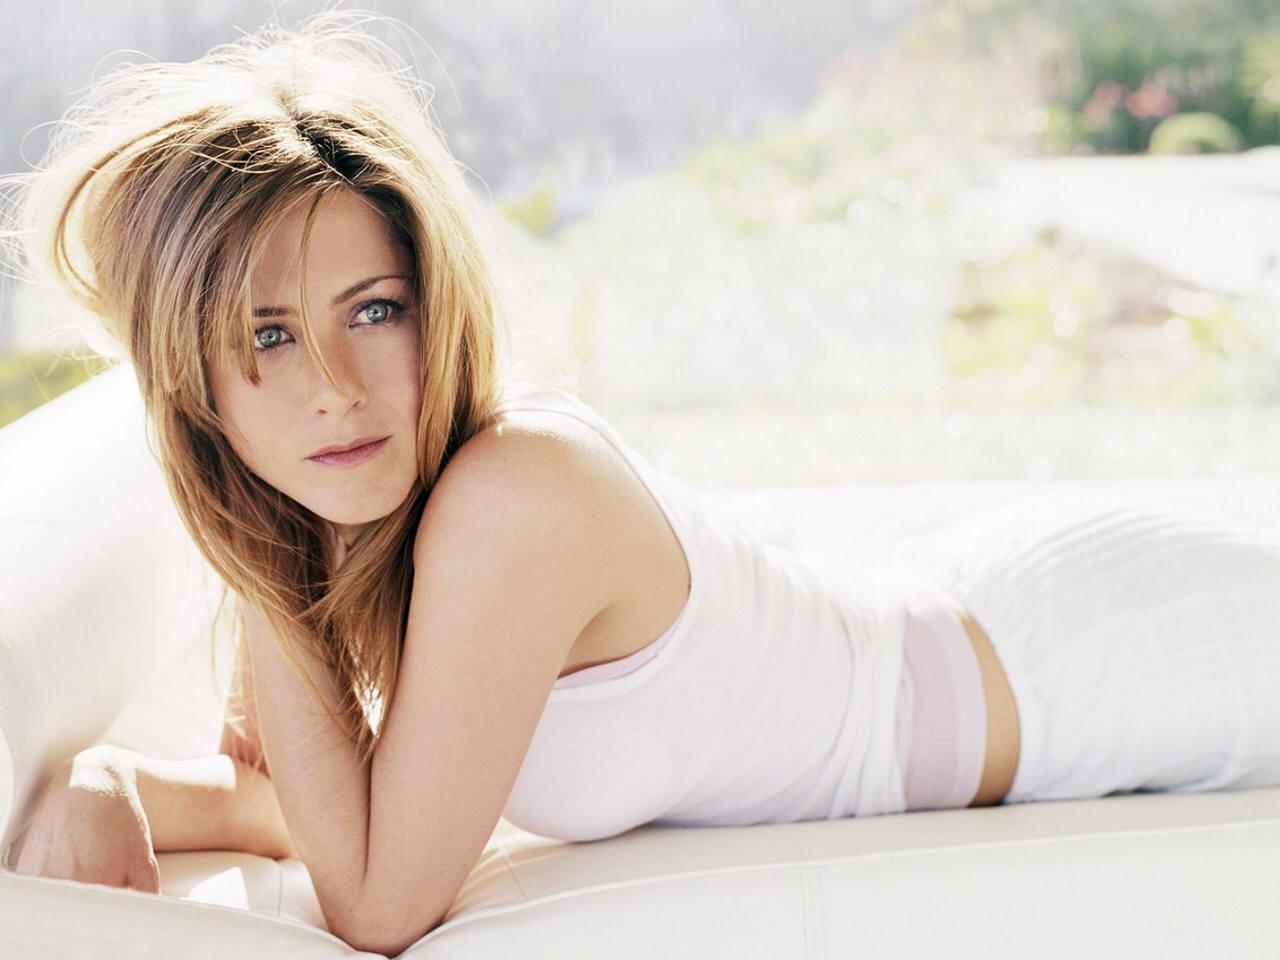 http://4.bp.blogspot.com/-rZBqGAkTWpU/T9xngaERRiI/AAAAAAAABMc/m6-OY1vdhtA/s1600/Jennifer+Aniston+HD+Wallpapers+7.jpg